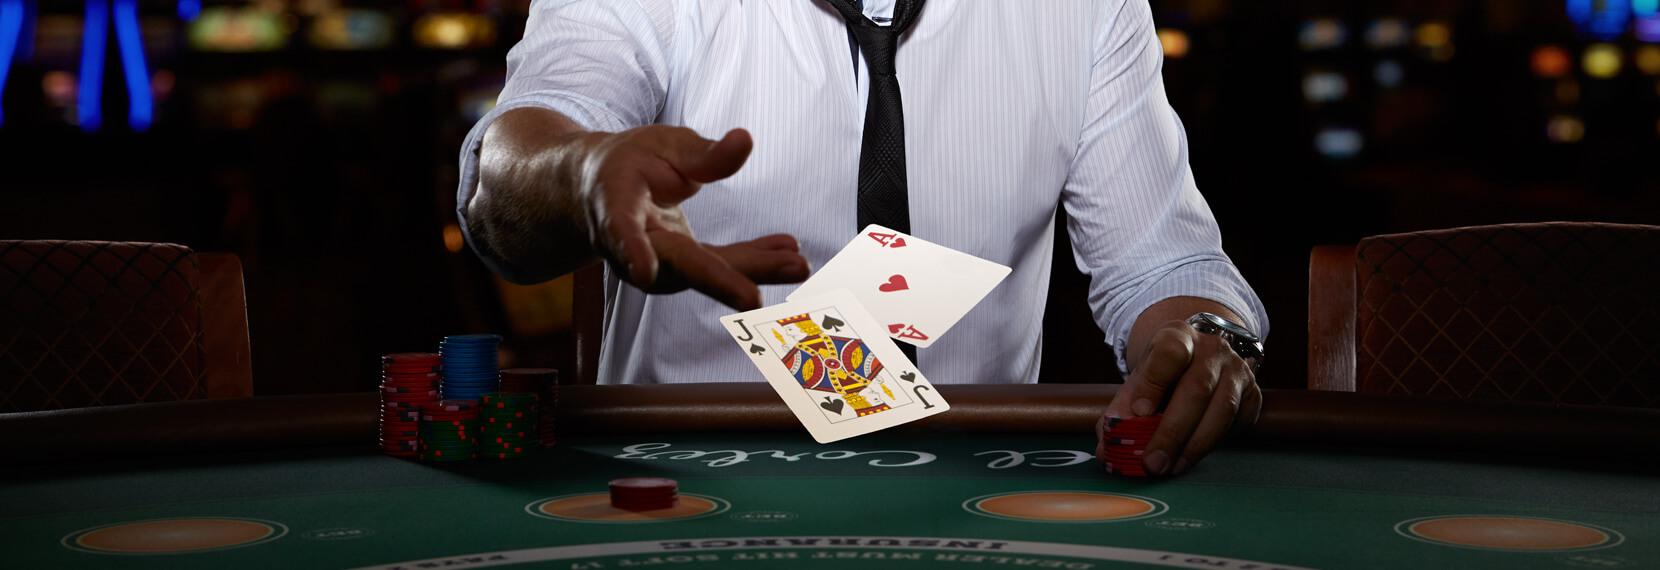 Blackjack, le jeu de casinos qu'il vous faut